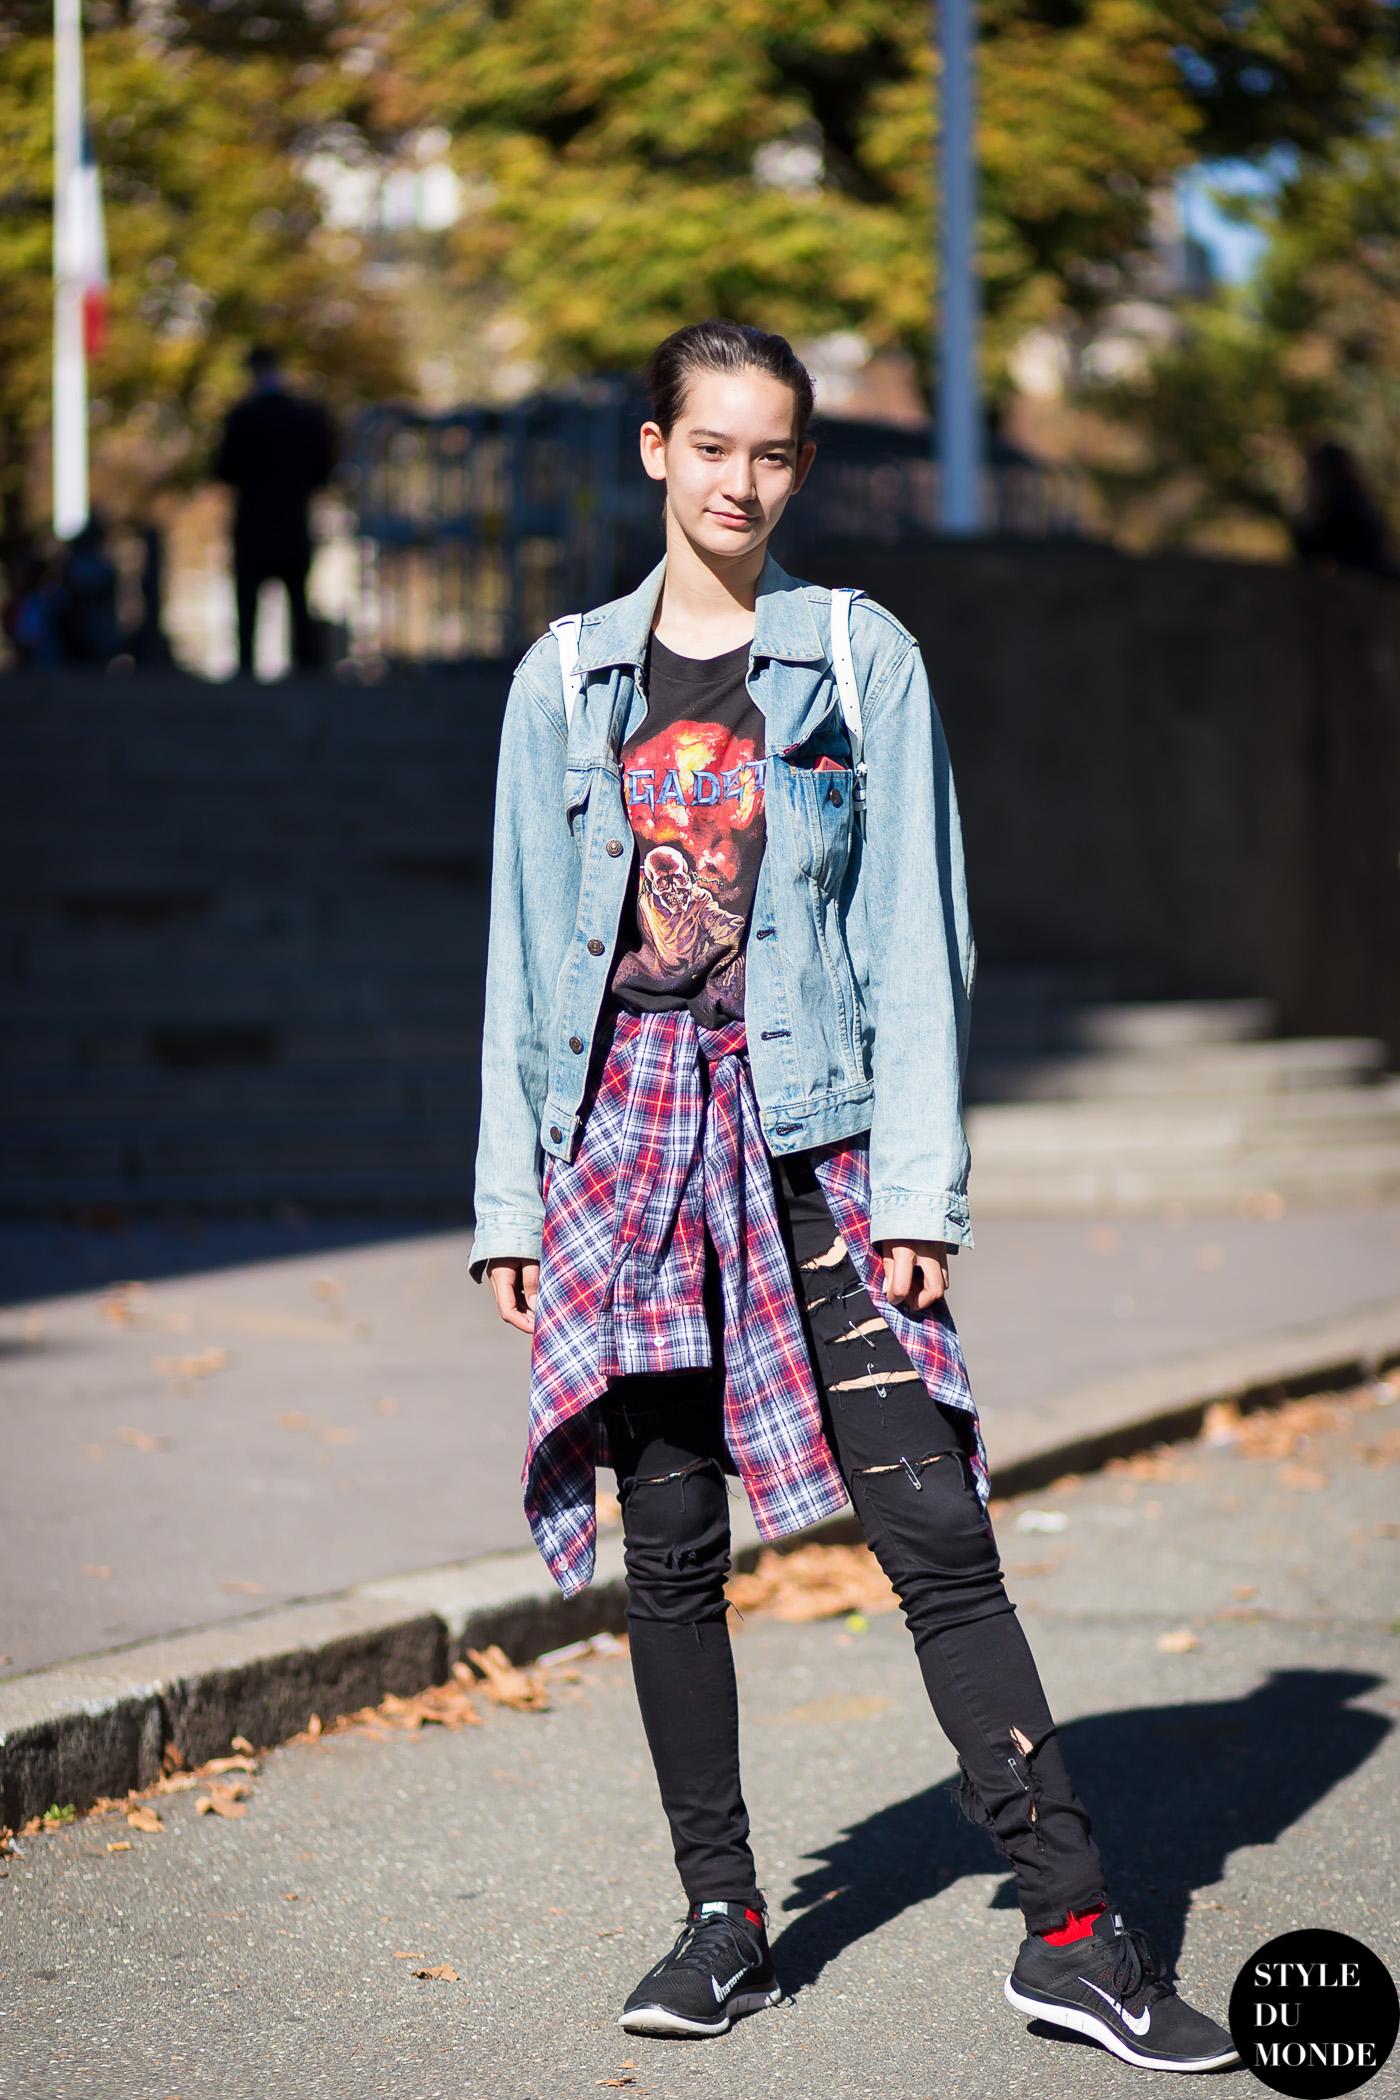 Gợi ý 5 kiểu áo khoác mùa Hè sành điệu